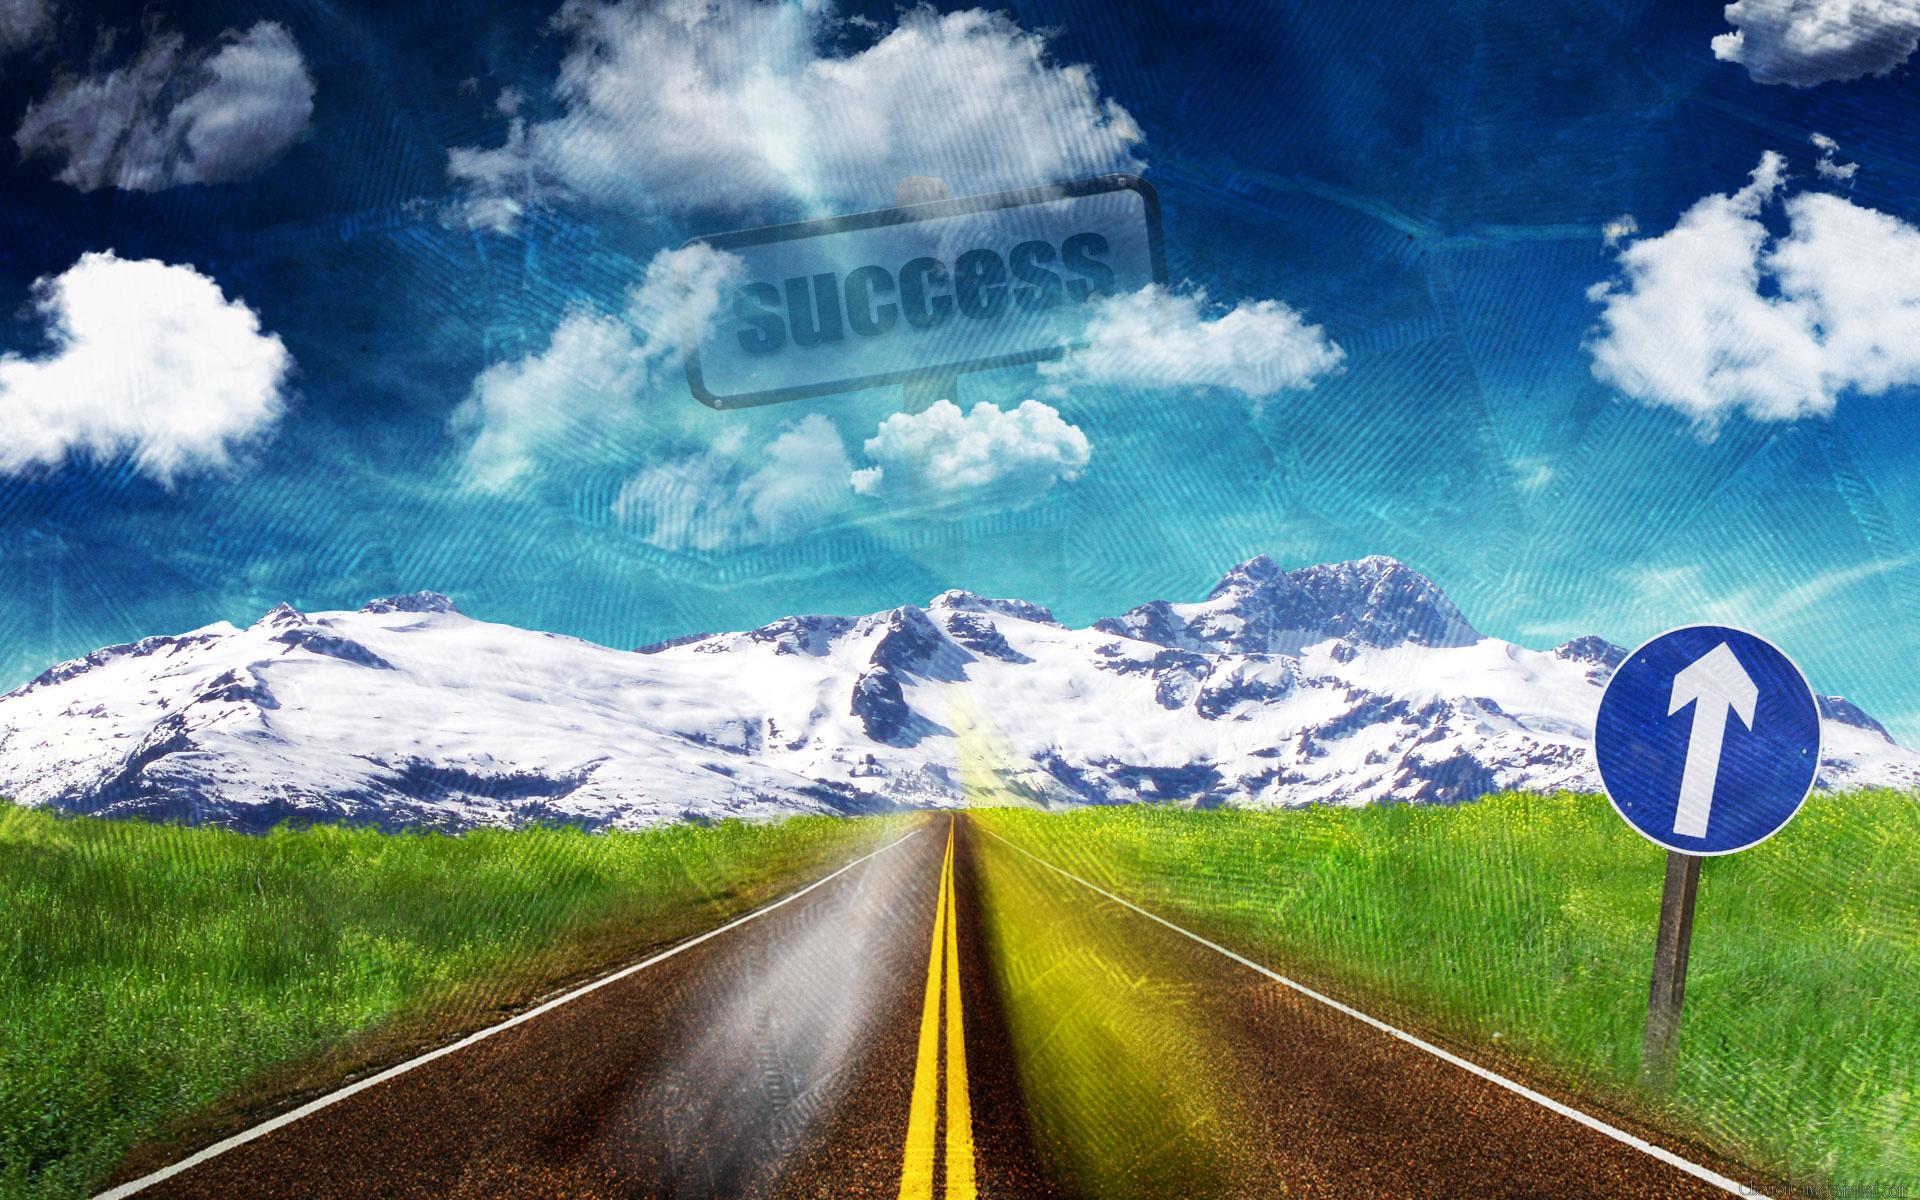 скорость, фото, дорога, шоссе, обои для рабочего стола, road wallpaper